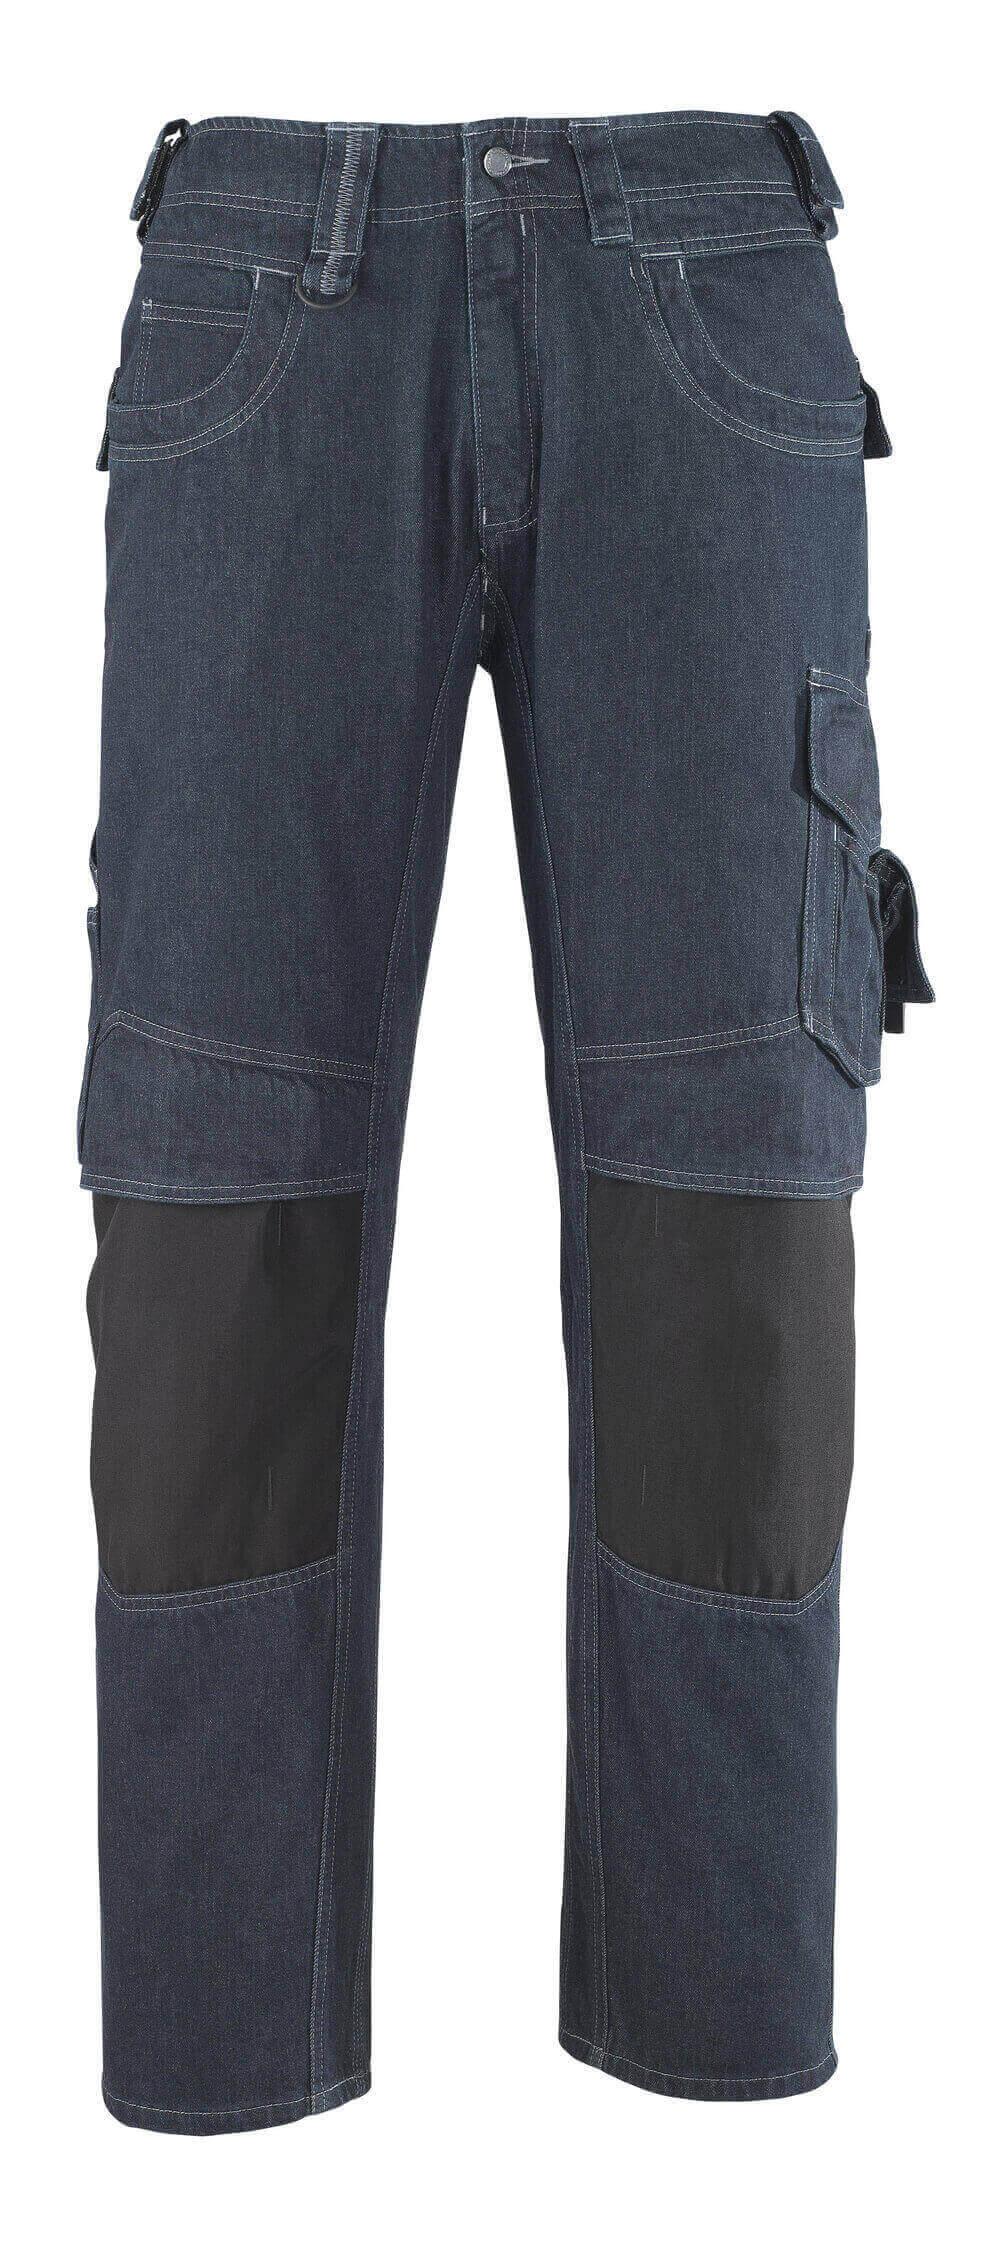 13279-207-B52 Vaqueros con bolsillos para rodilleras - azul vaquero